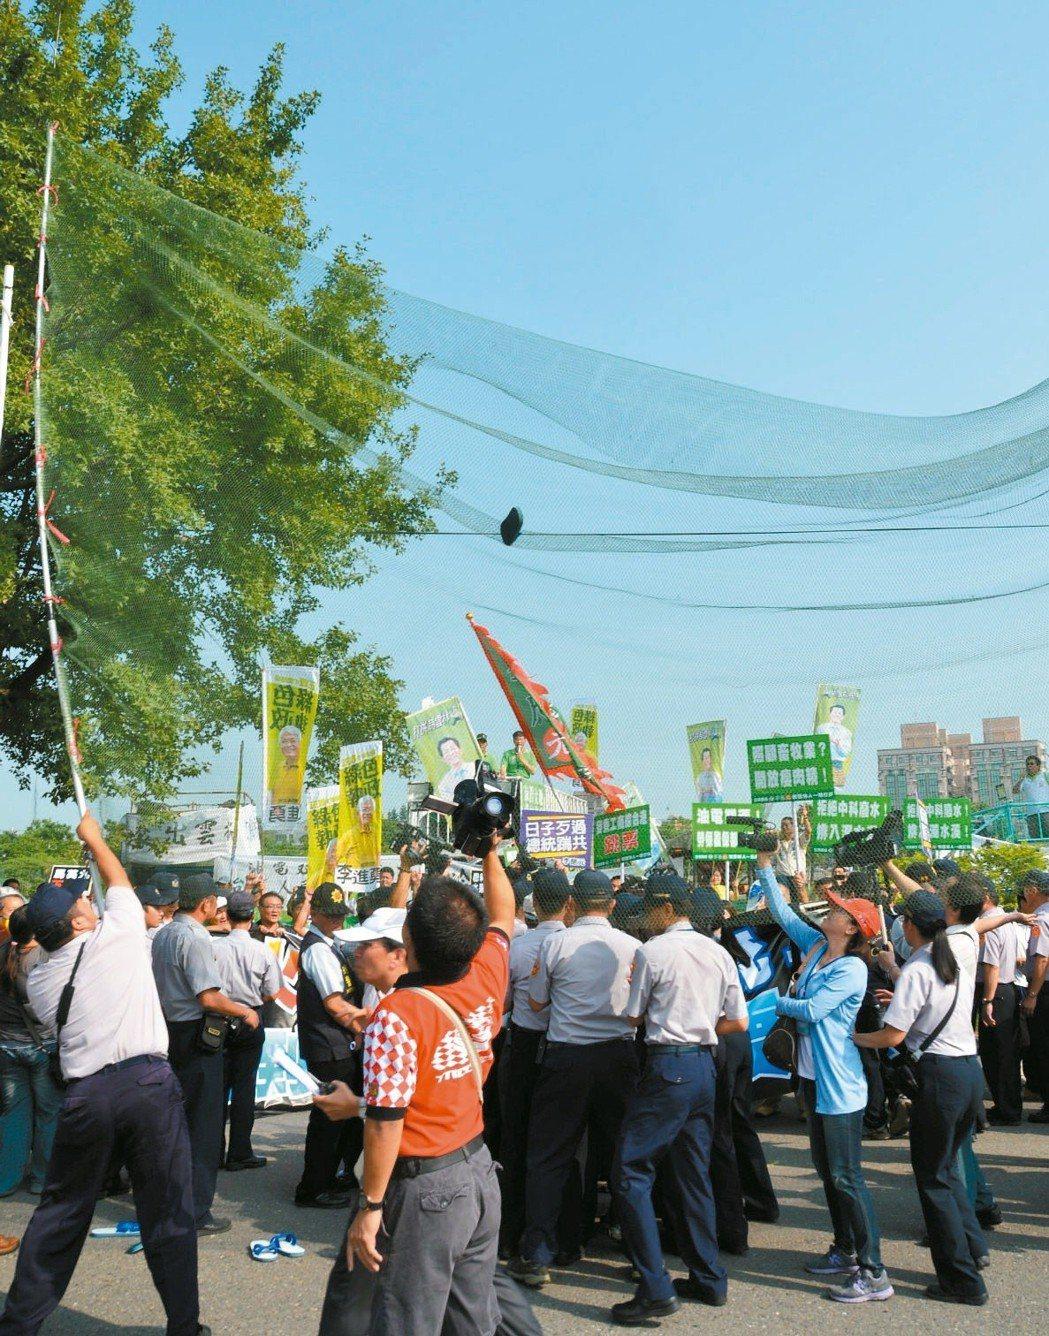 前總統馬英九曾被綠營人士嗆聲,有民眾丟鞋抗議(網中),被警方準備的高網攔截。 圖...